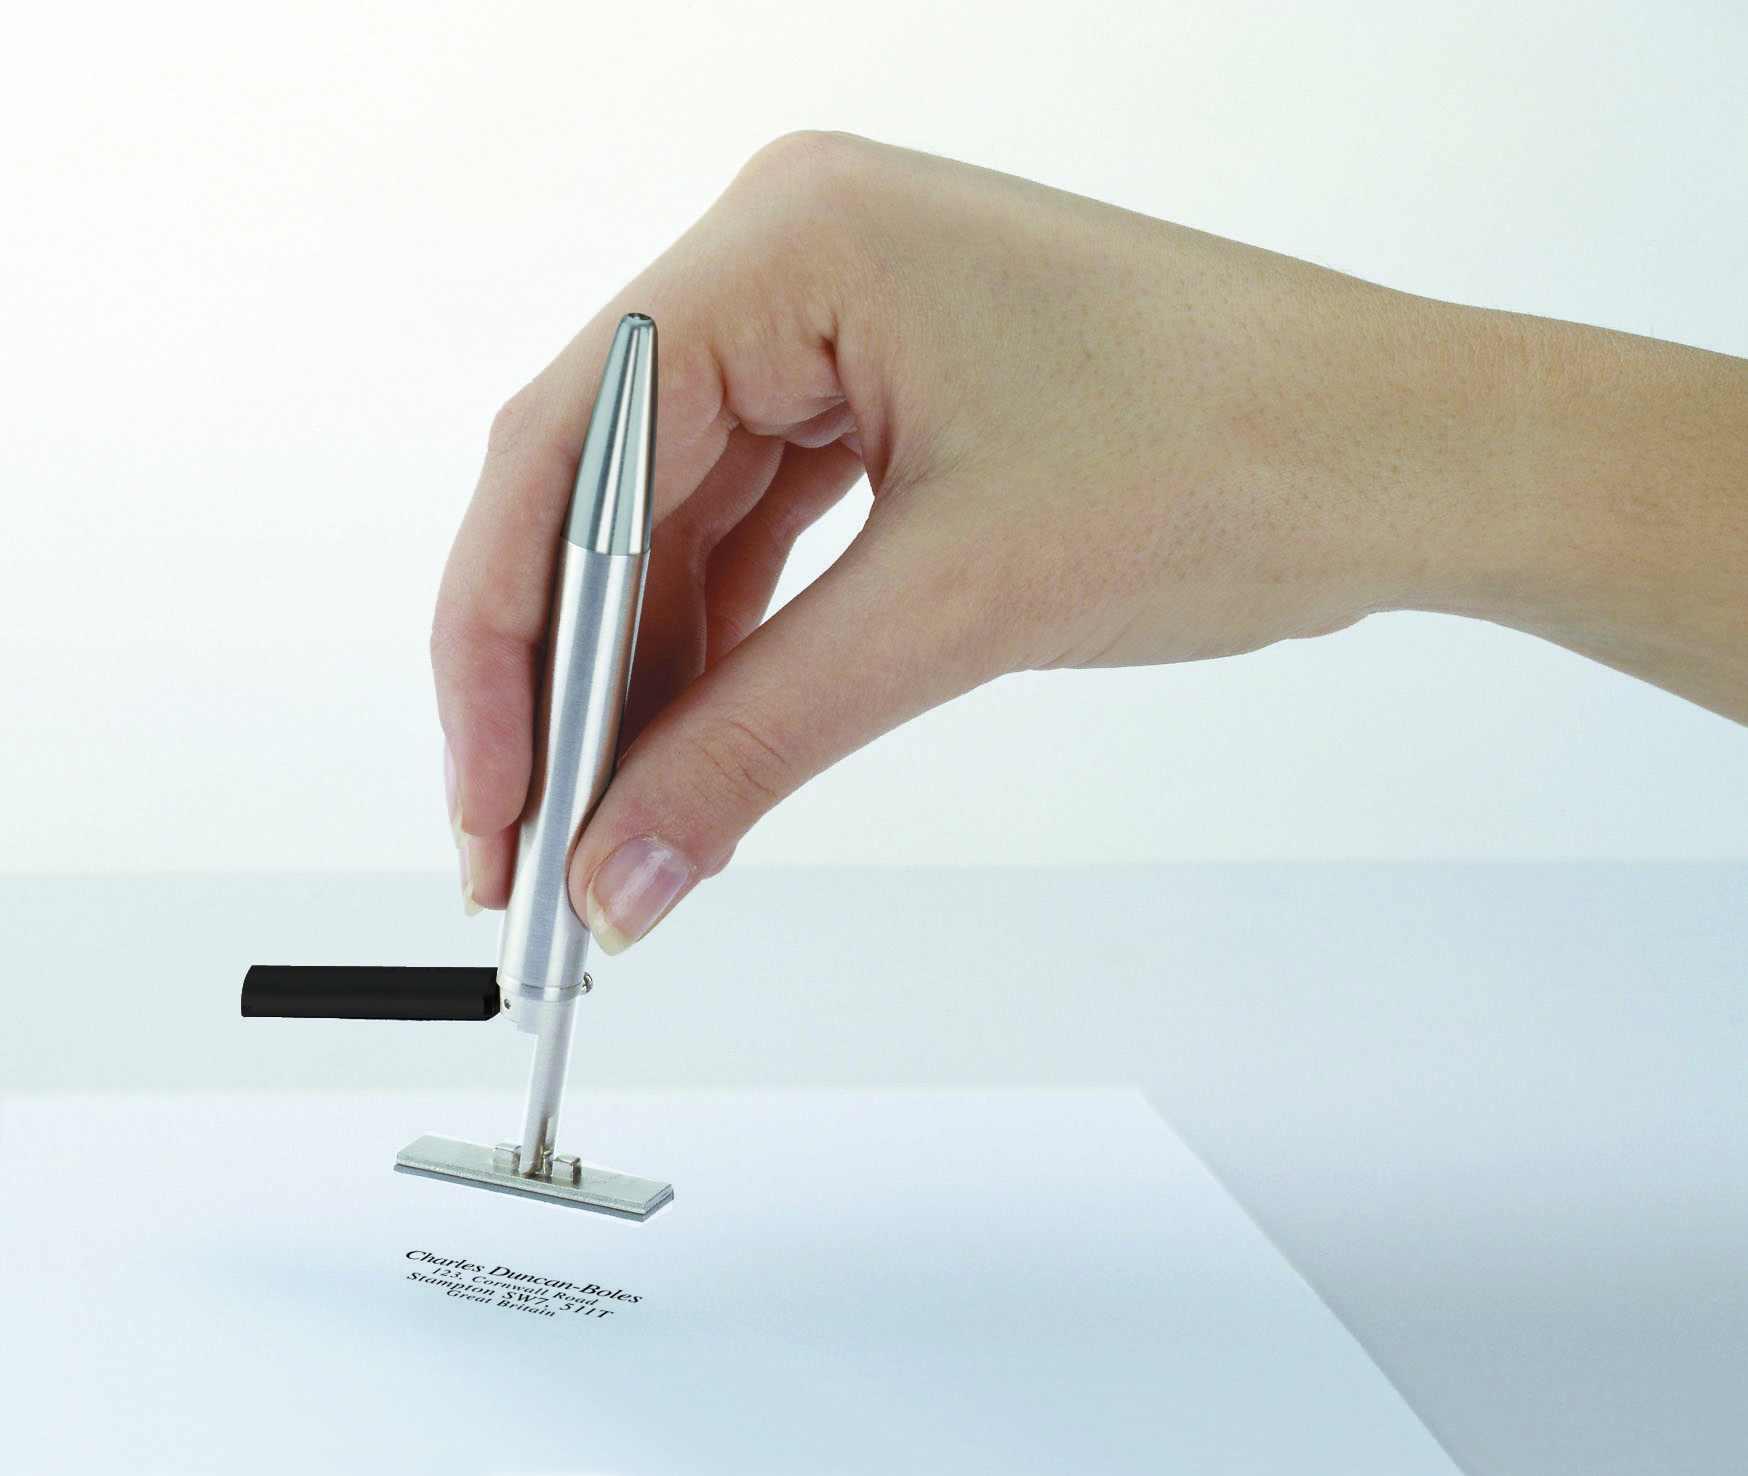 Как стереть ручку с бумаги, не оставив следов? 10 эффективных способов 80